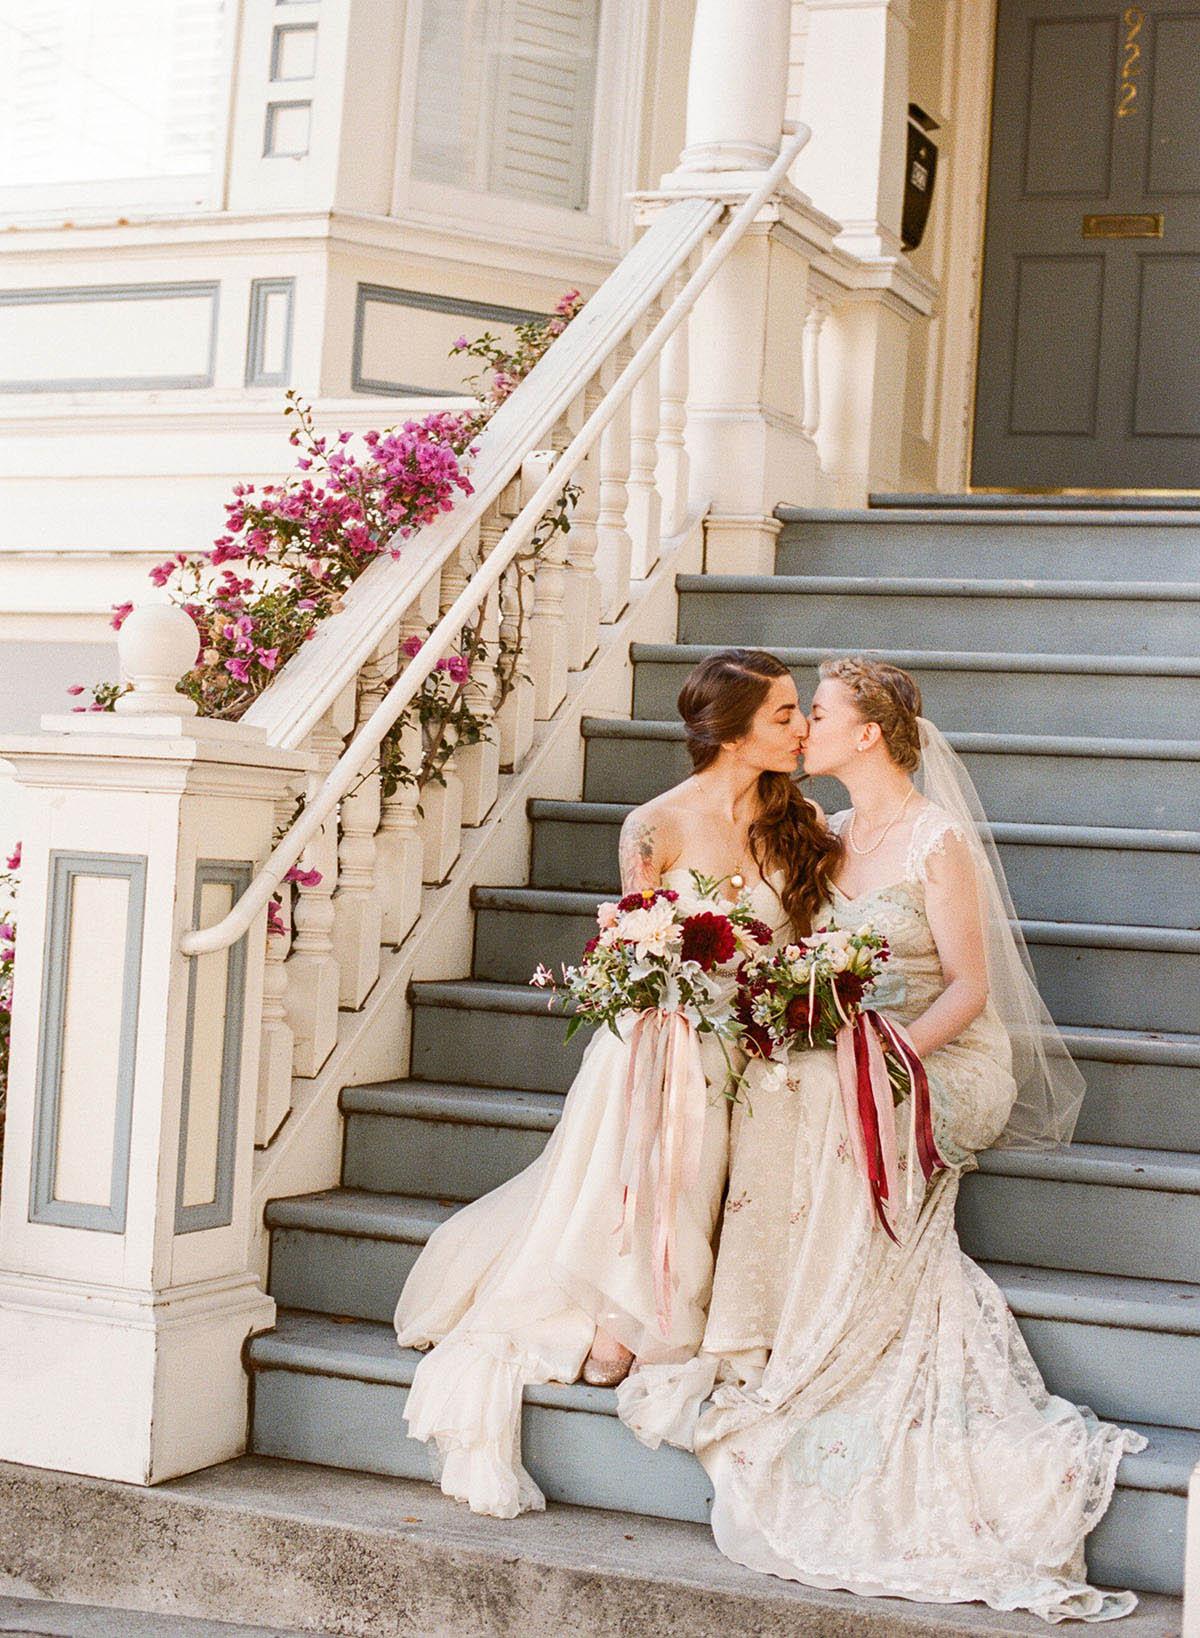 5-lesbian-wedding-san-francisco.jpg